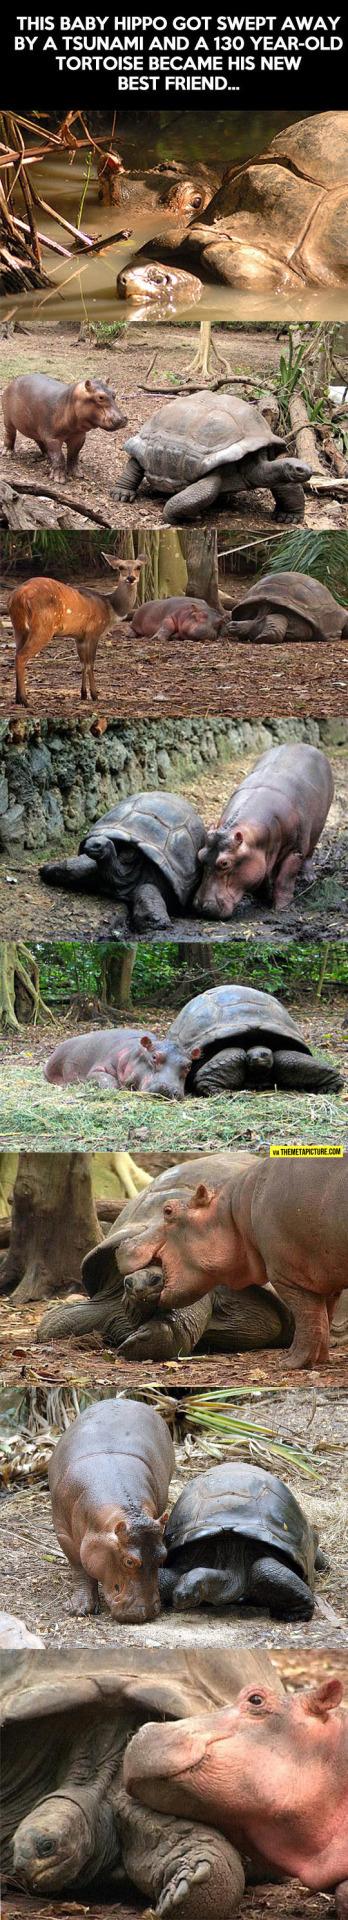 Детёныш гиппопотама подружился с 130-летней черепахой после цунами Гиппопотам, Черепаха, Сироты, Цунами, Дружба, Длиннопост